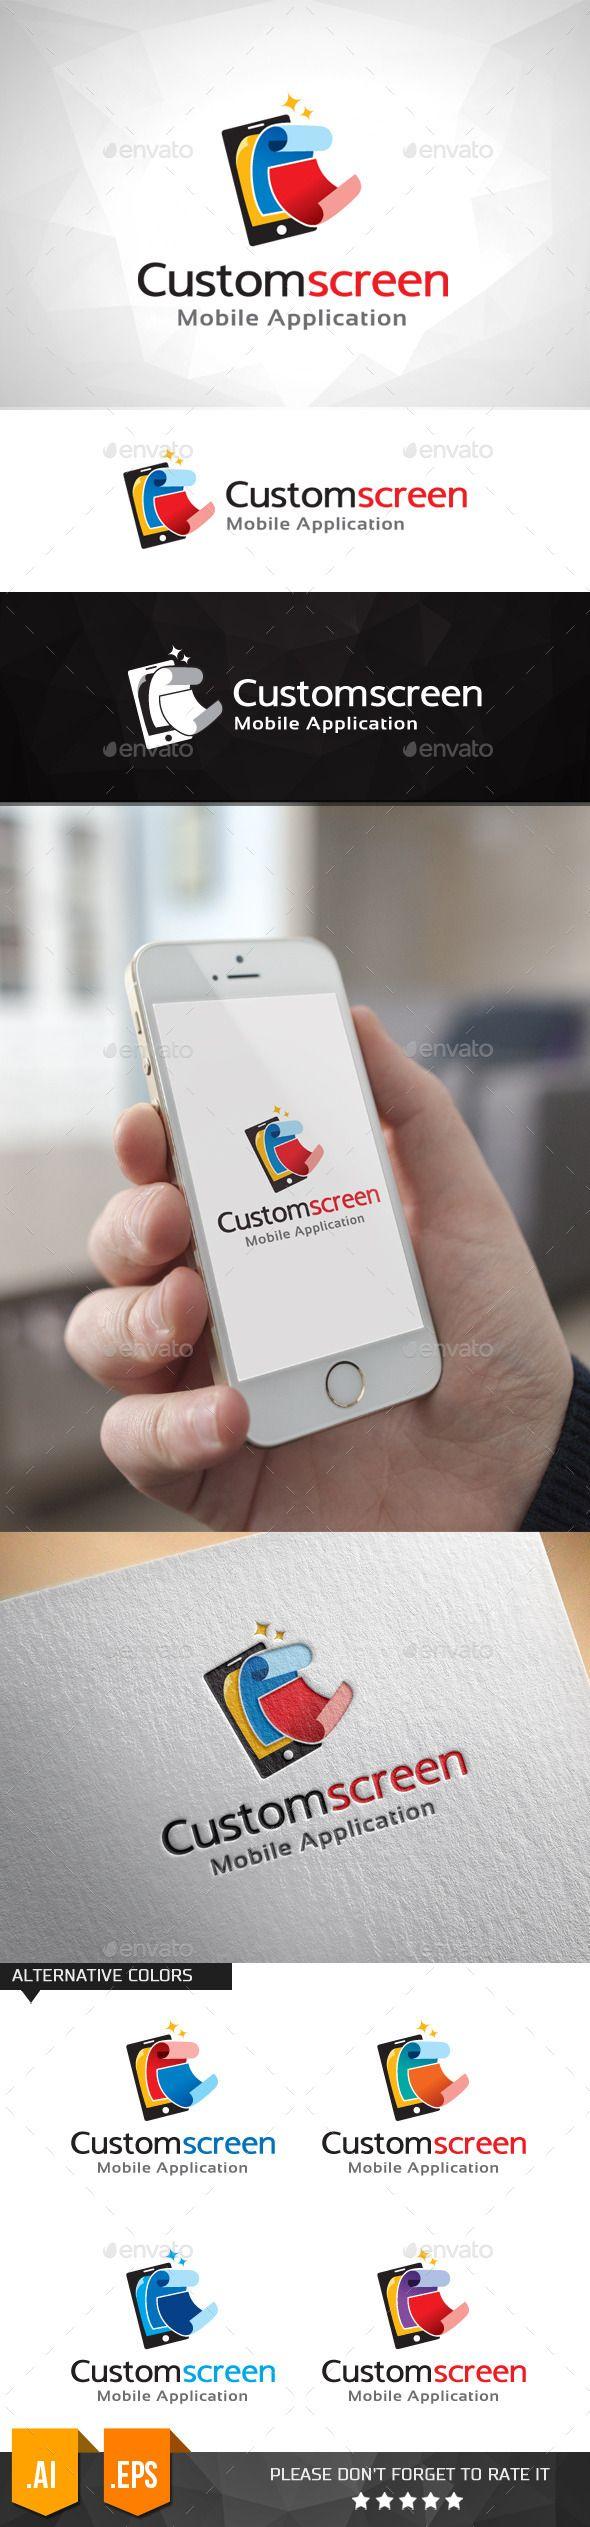 Custom Screen Mobile Apps Logo